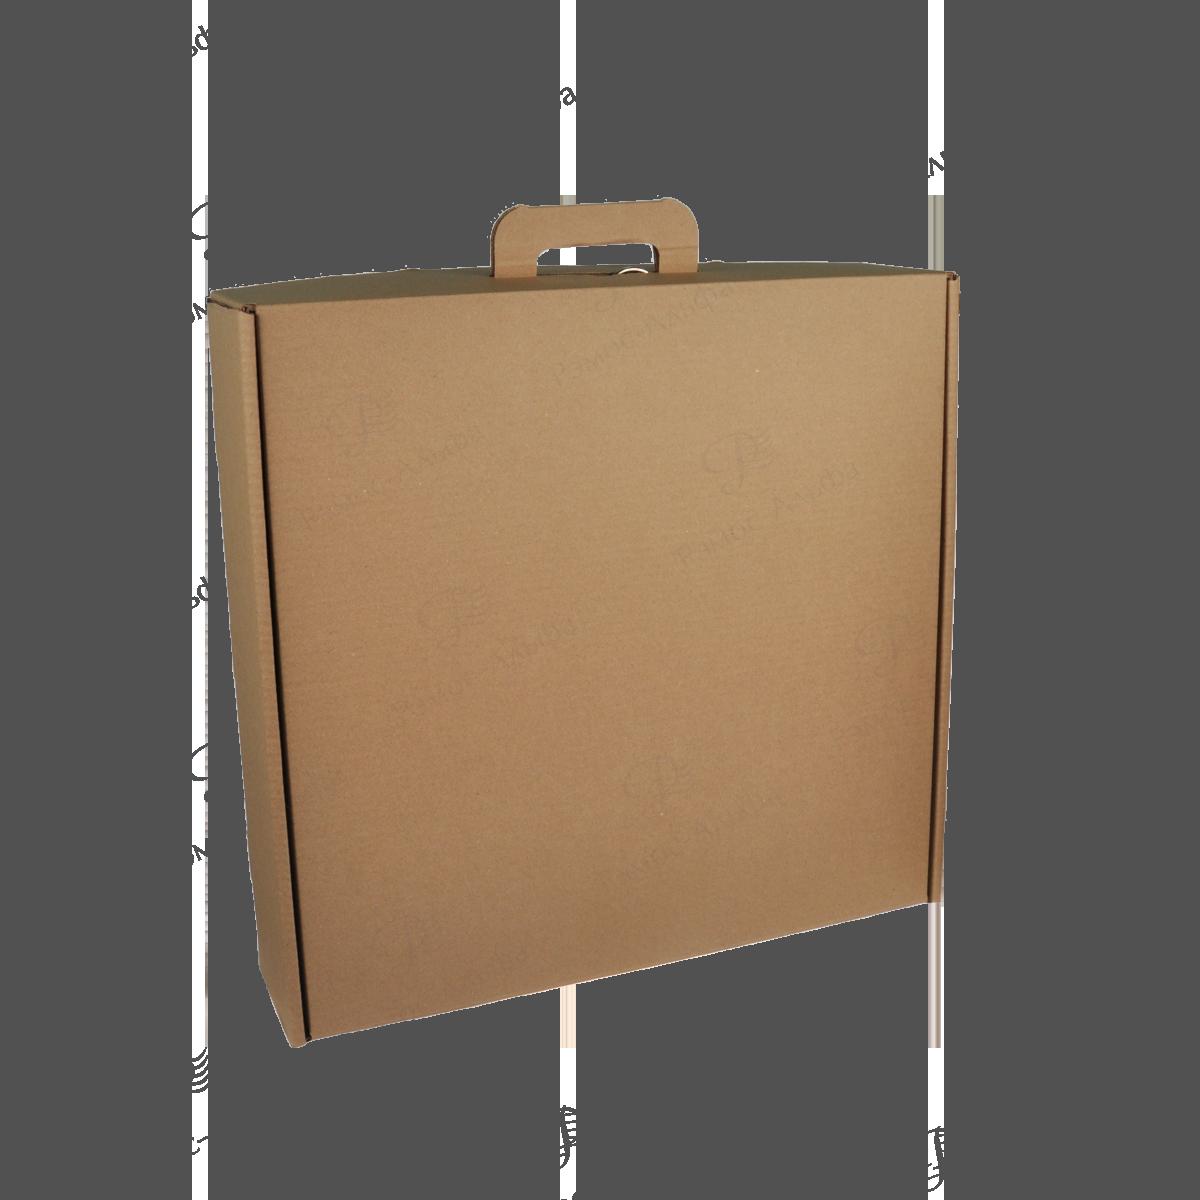 Hanger Box 2 с вз.png